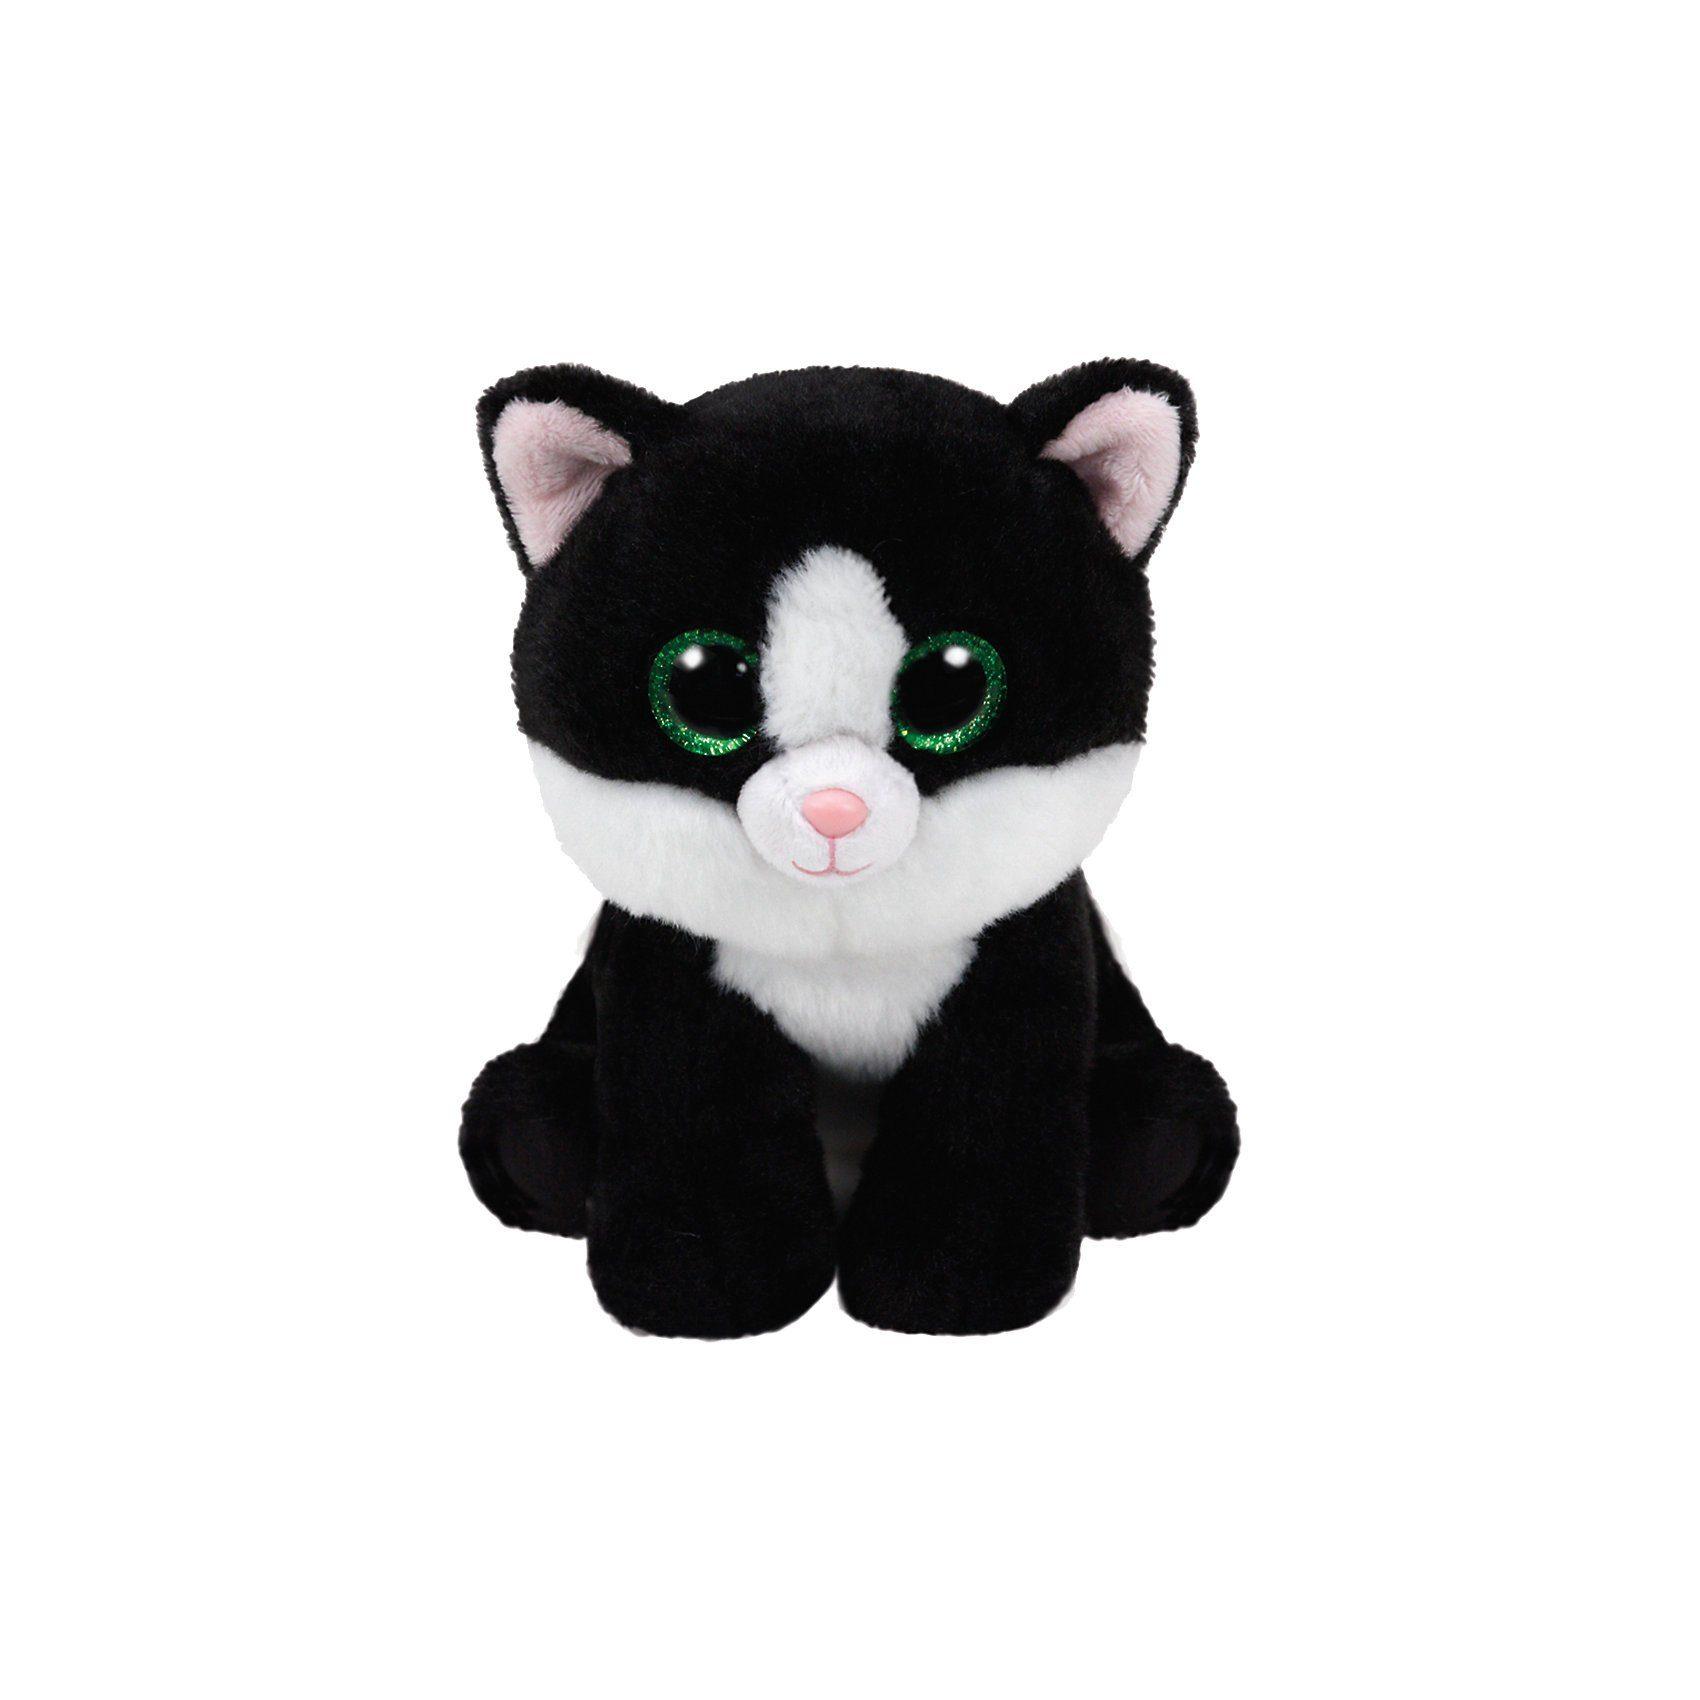 Ty Classics Katze Ava 33cm schwarz weiss